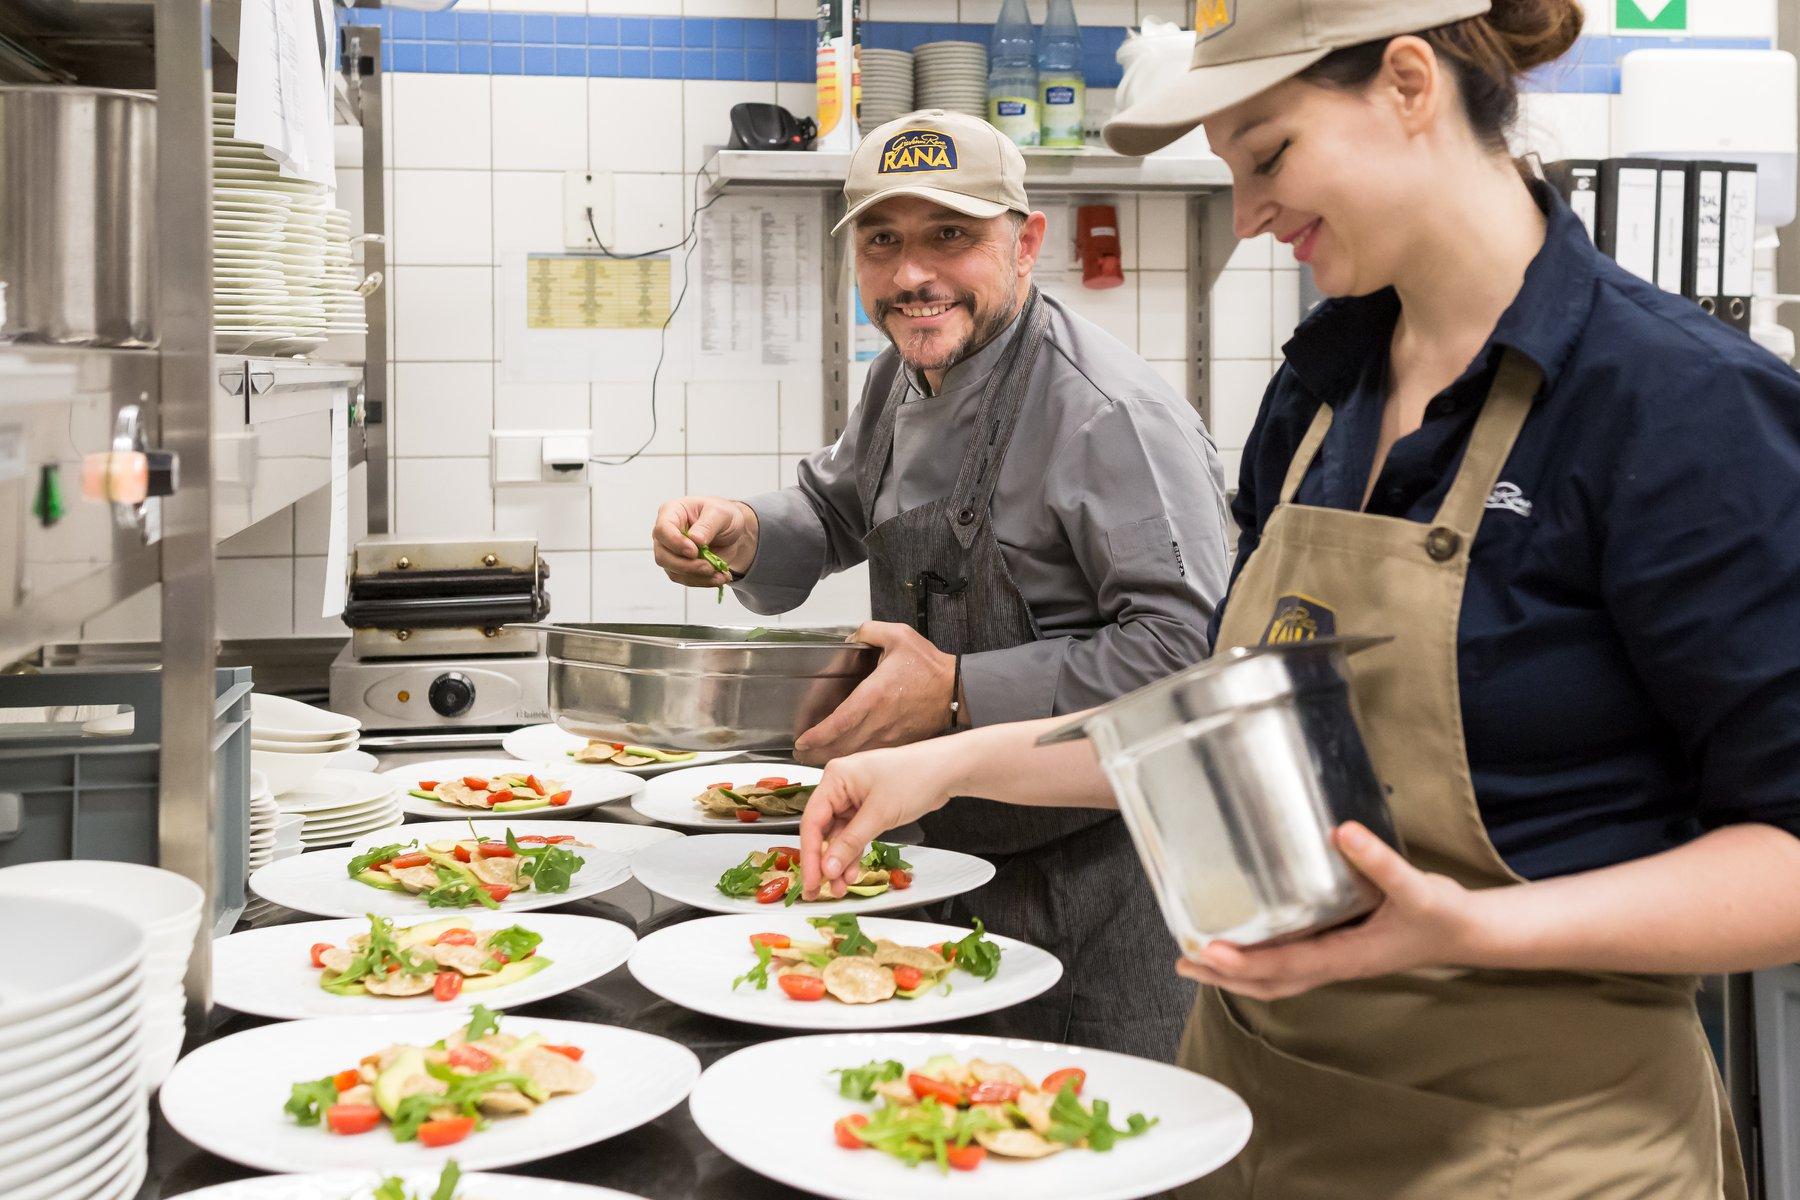 Volles Korn voraus - Nach High-Cuisine-Tatar gibt's einen großen Umschwung auf dem nächsten Teller: Fertig-Pasta von Giovanni Rana wird eingestellt. Besser gesagt, dürfen wir von der neuen Bio-Produktlinie kosten, die sich ganz dem vollen Korn verschreibt und vor uns mit